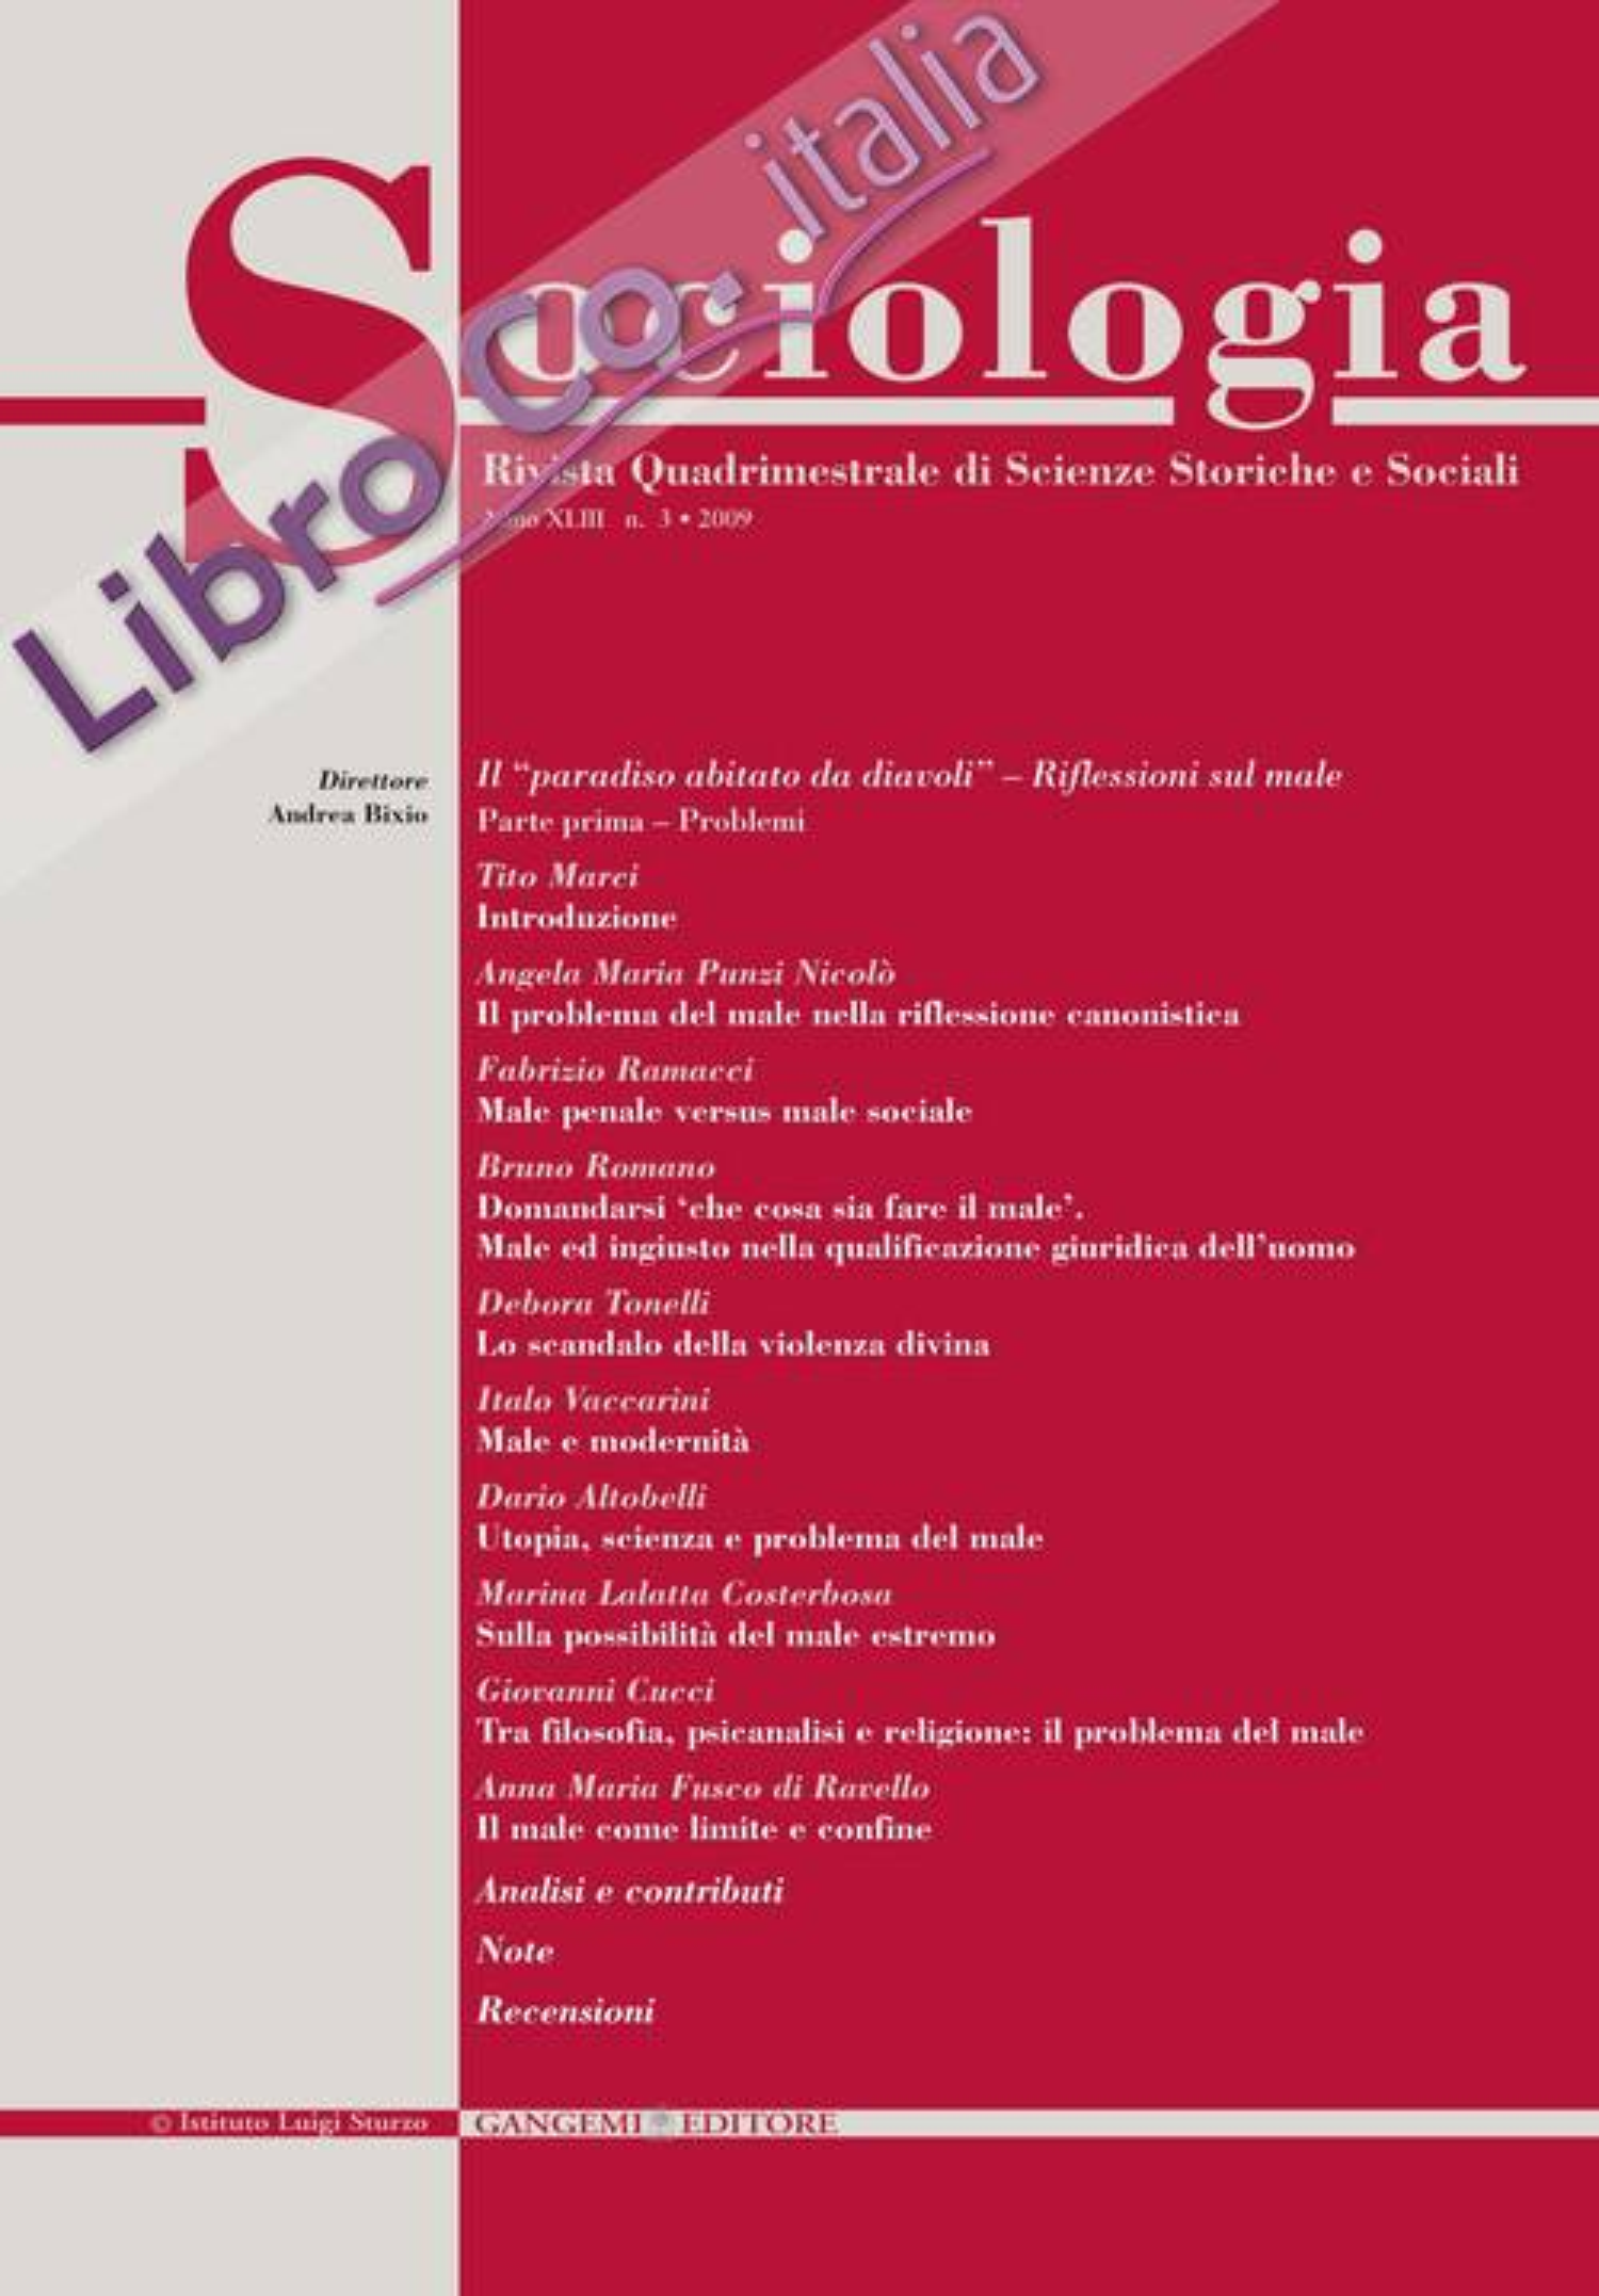 Sociologia n.3/2009.